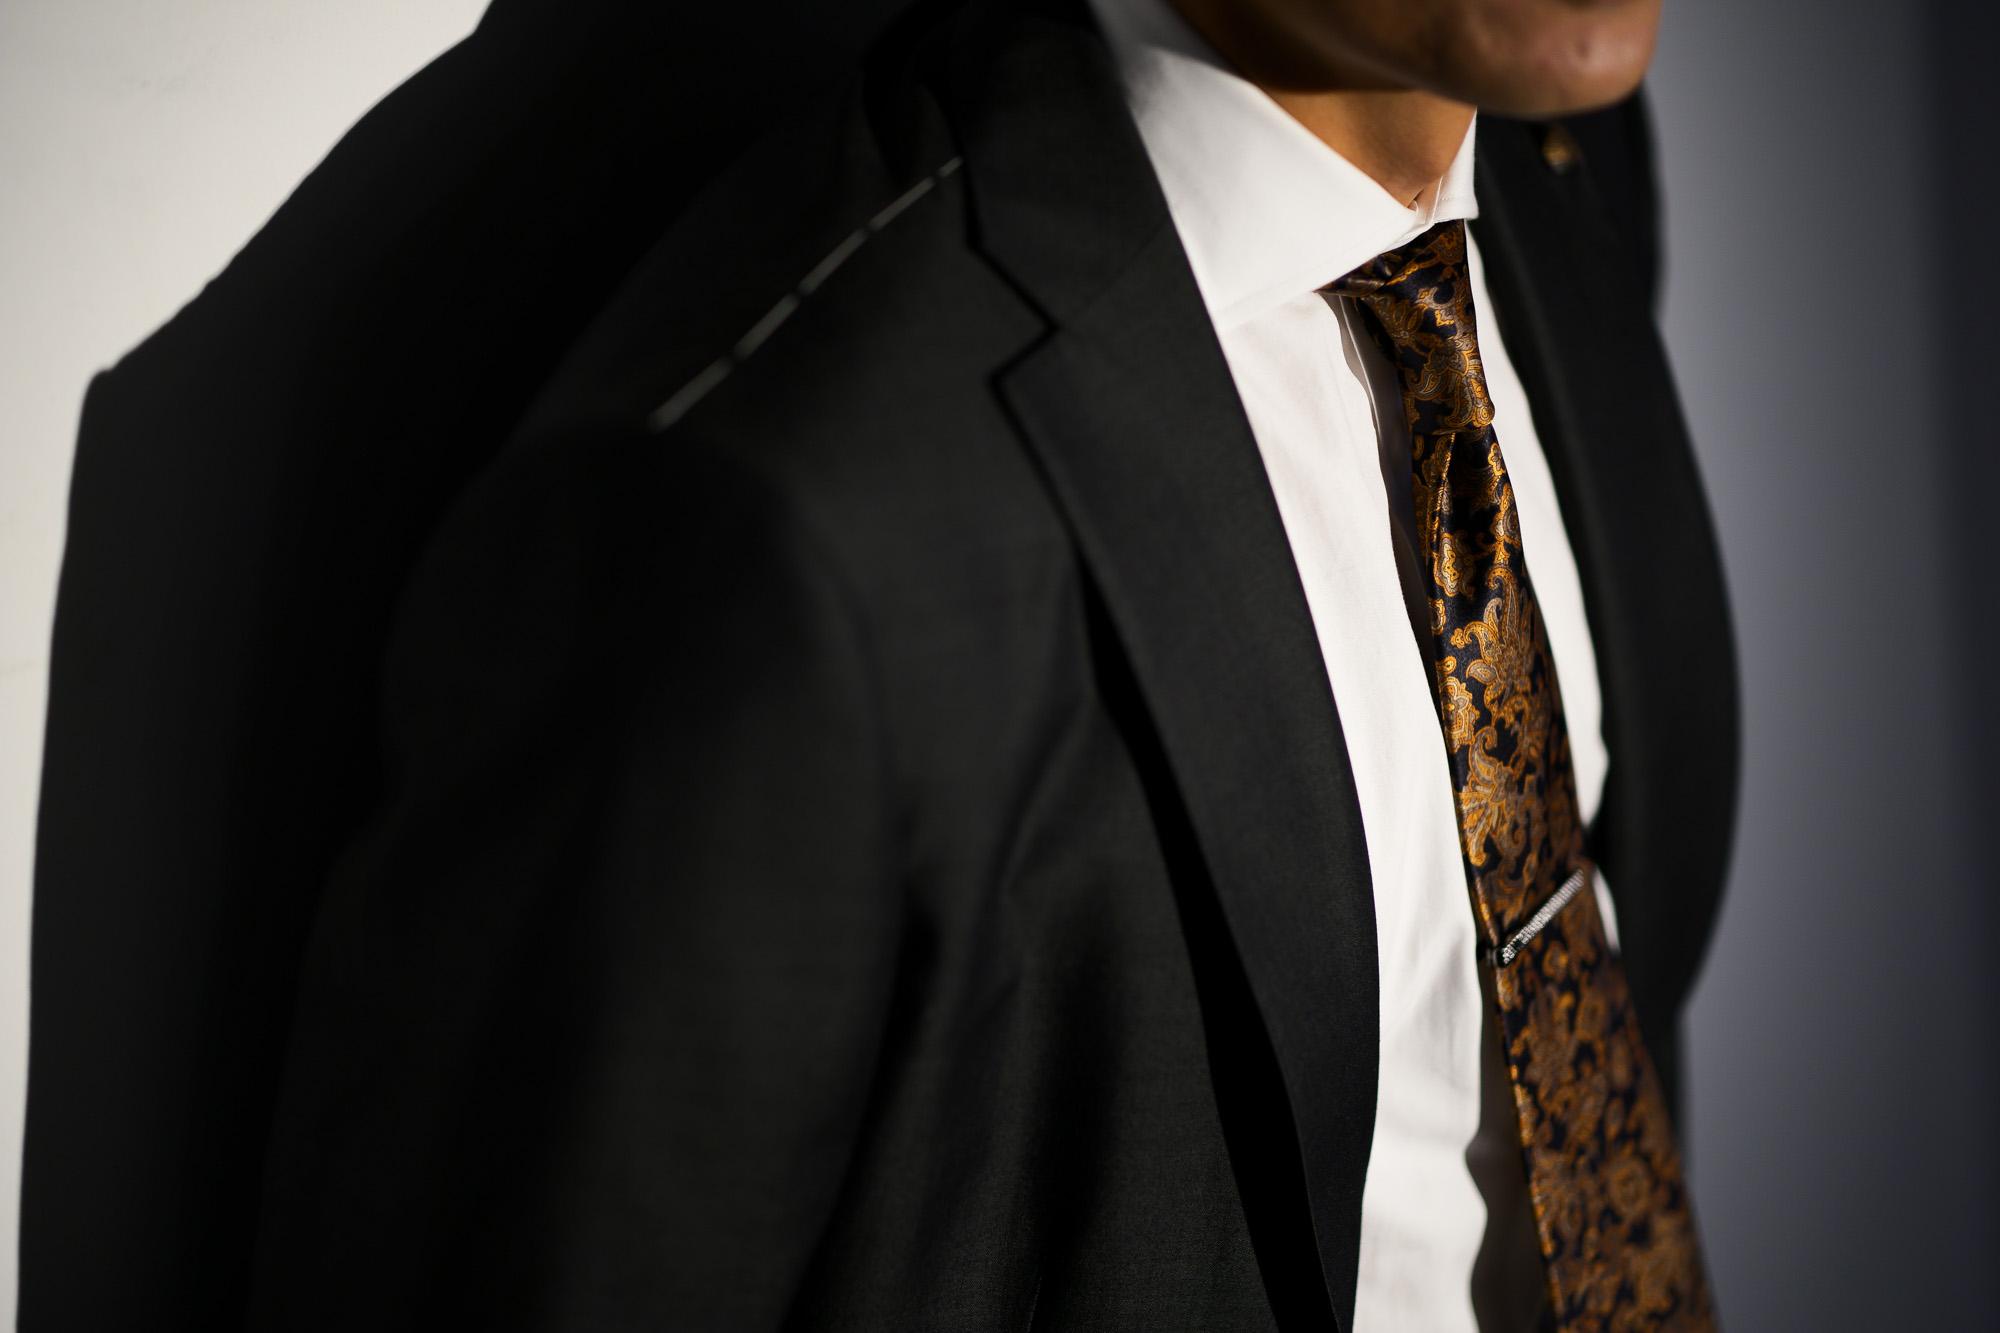 STEFANO RICCI (ステファノリッチ)  PAISLEY TIE (ペイズリータイ) シルク プリント ペイズリー ネクタイ BLACK×ORANGE (ブラック×オレンジ) Made in italy (イタリア製) 2018 秋冬新作 stefaboricci 愛知 名古屋 altoediritto アルトエデリット タイ